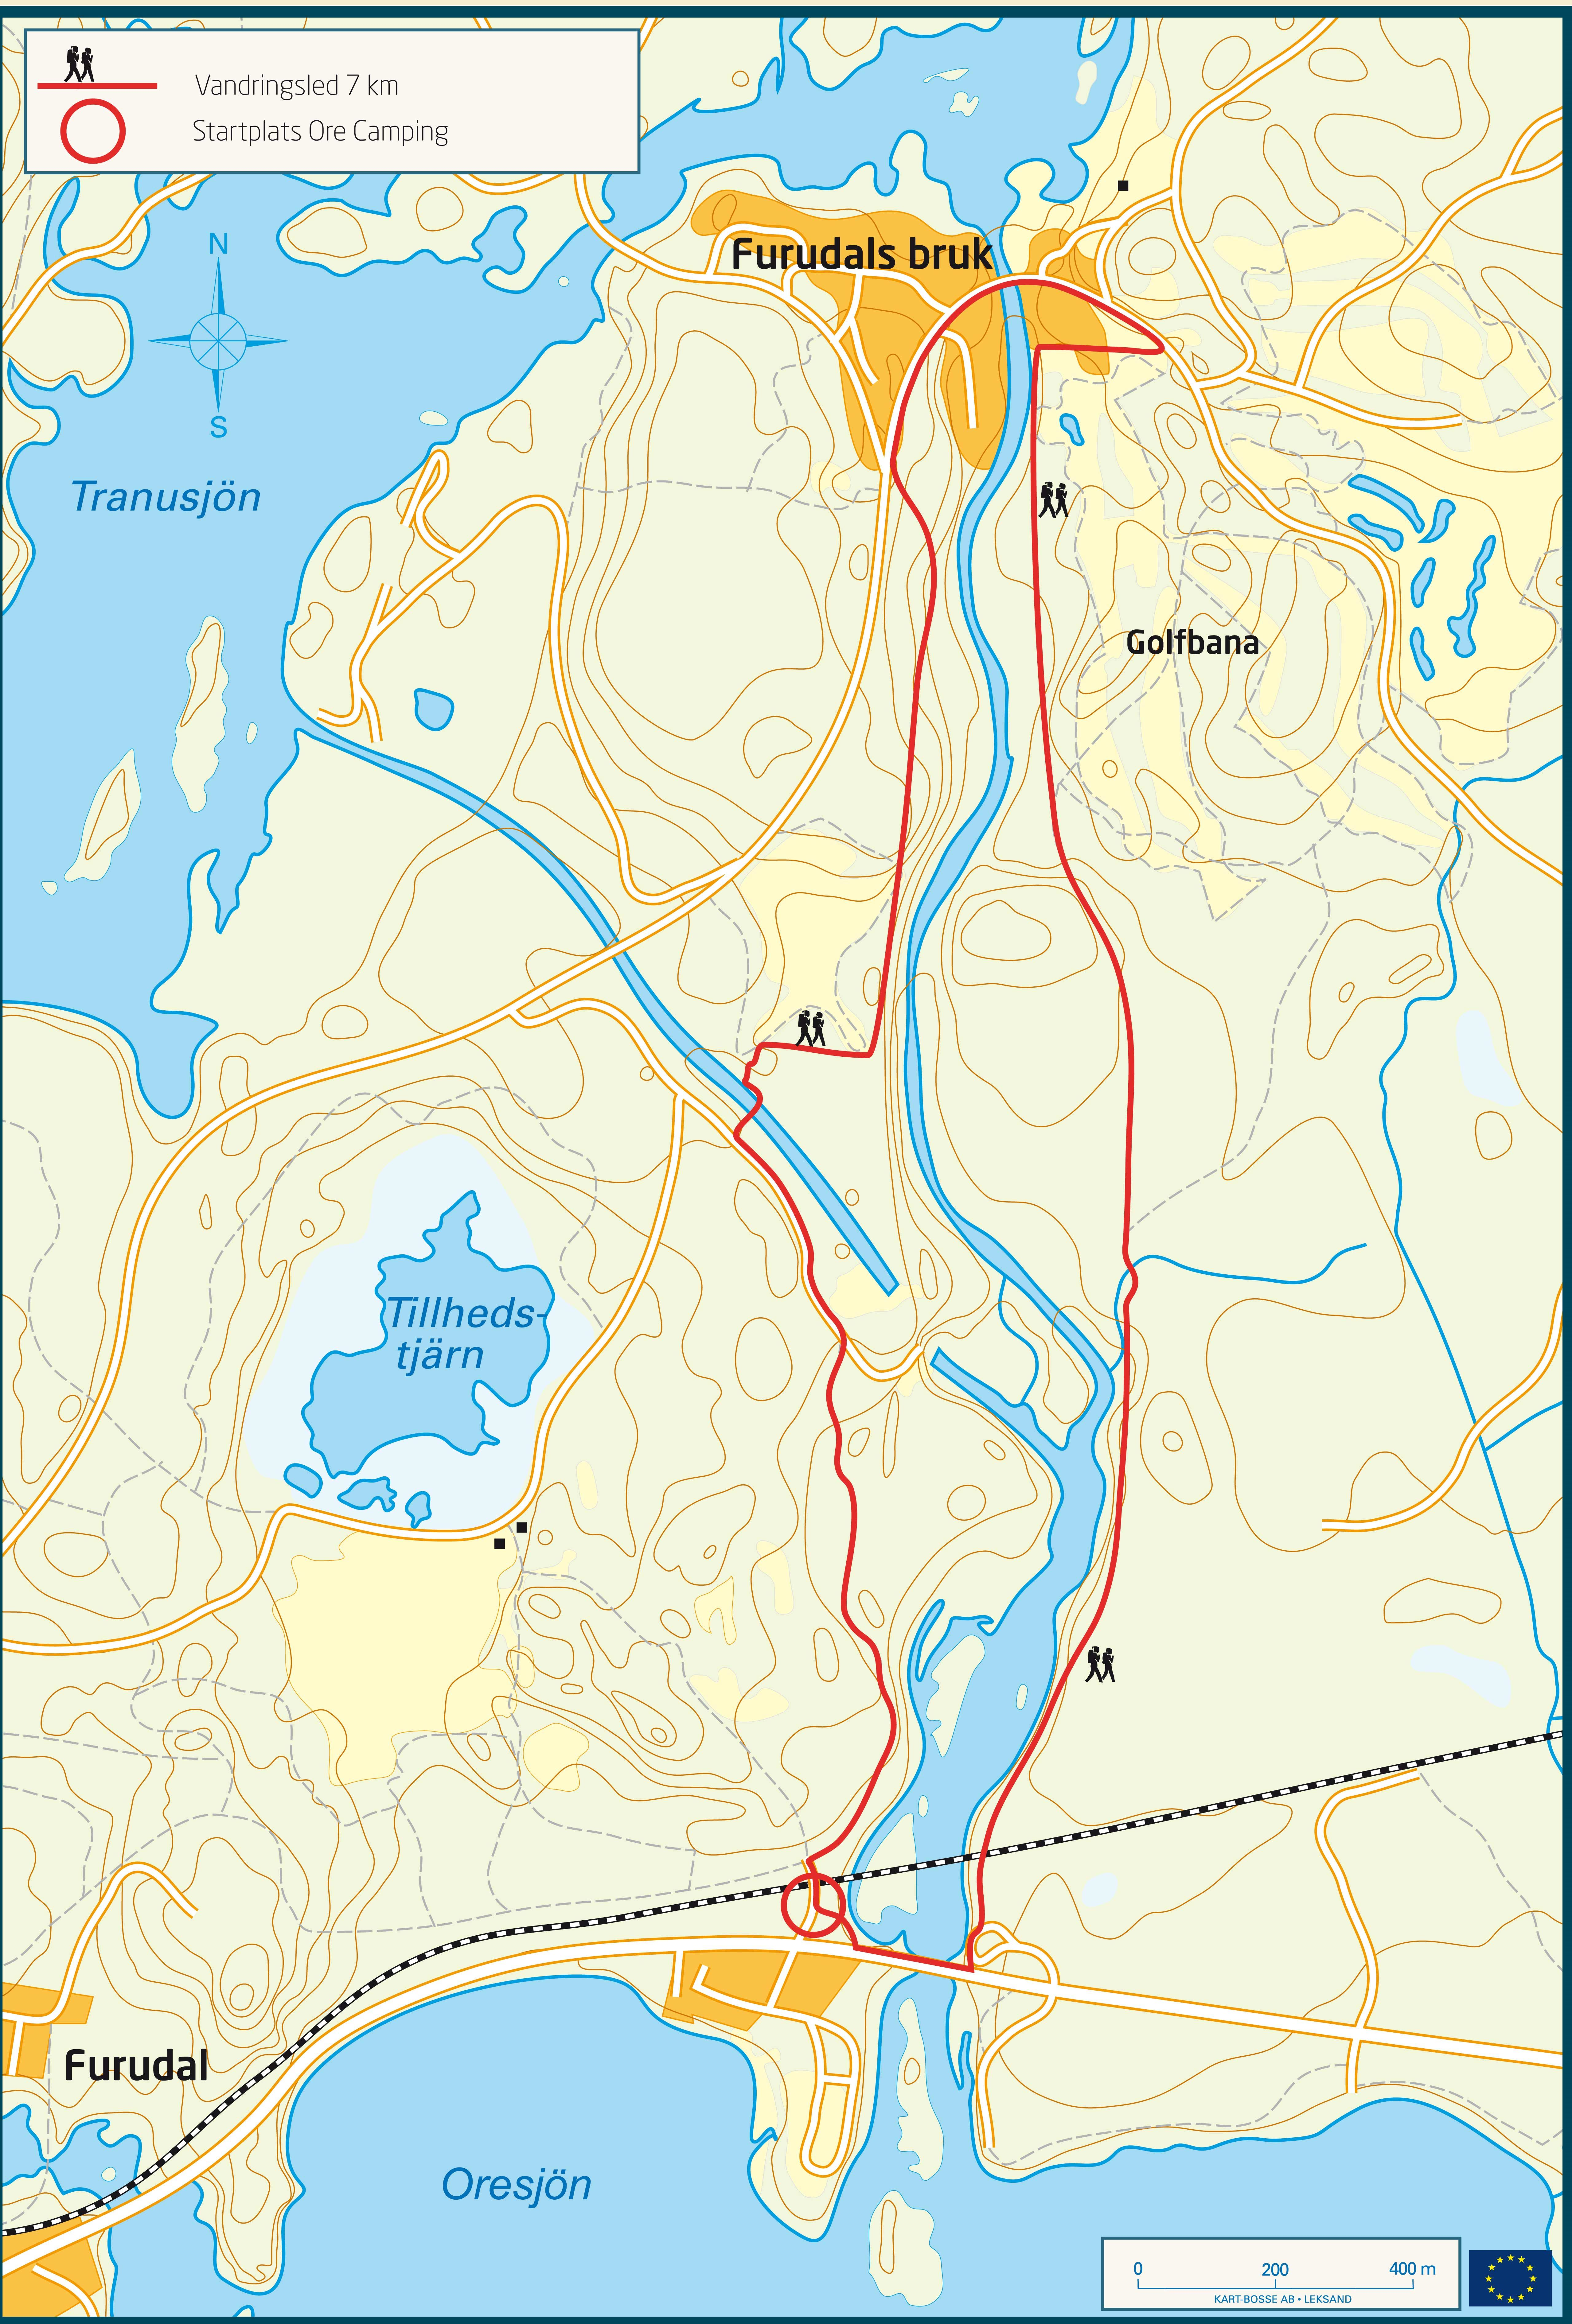 furudal dalarna karta Furudal   Vandringsled , Översikt, Vandring, Furudal furudal dalarna karta